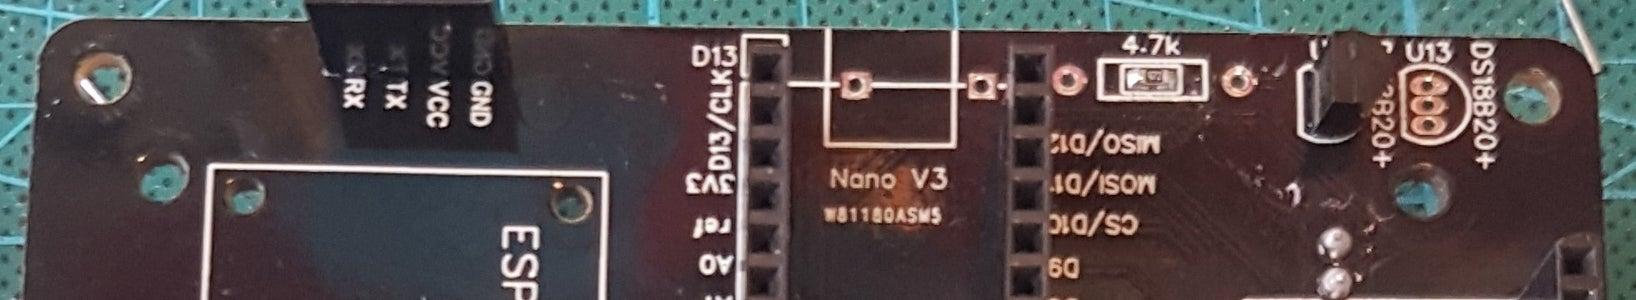 Solder the Dallas DS18B20 Temperature